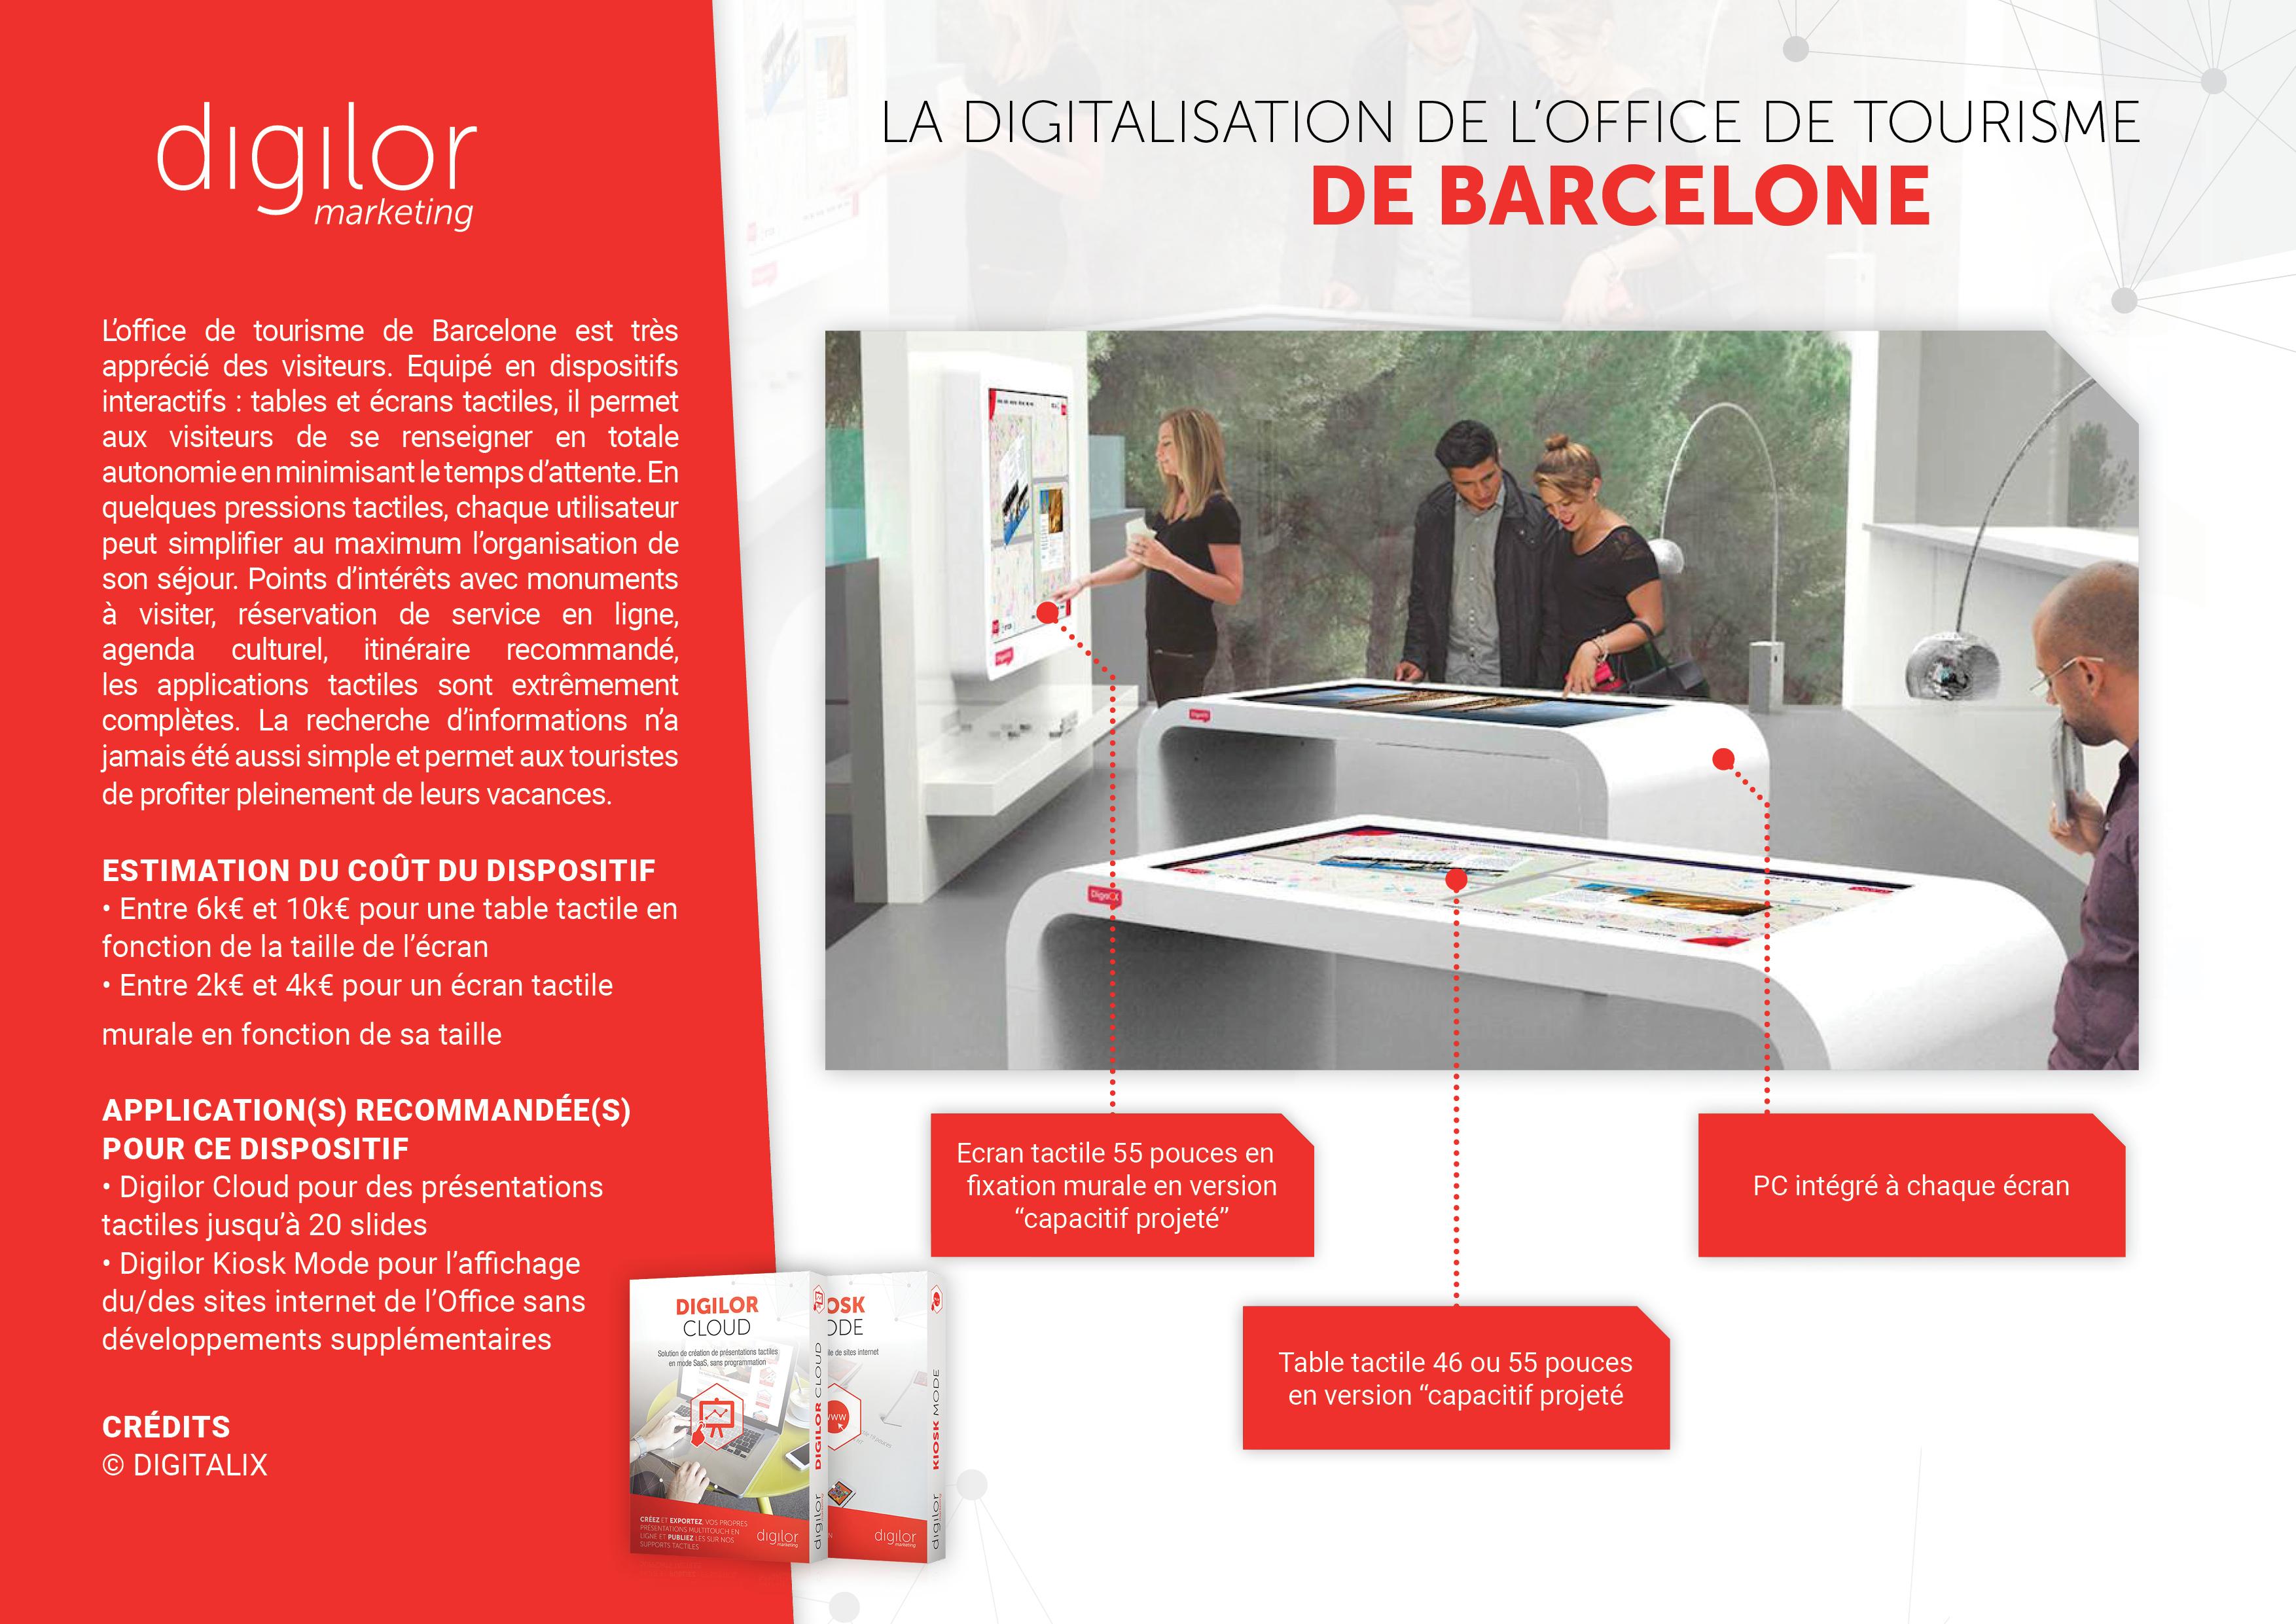 La digitalisation de l'Office de Tourisme de Barcelone